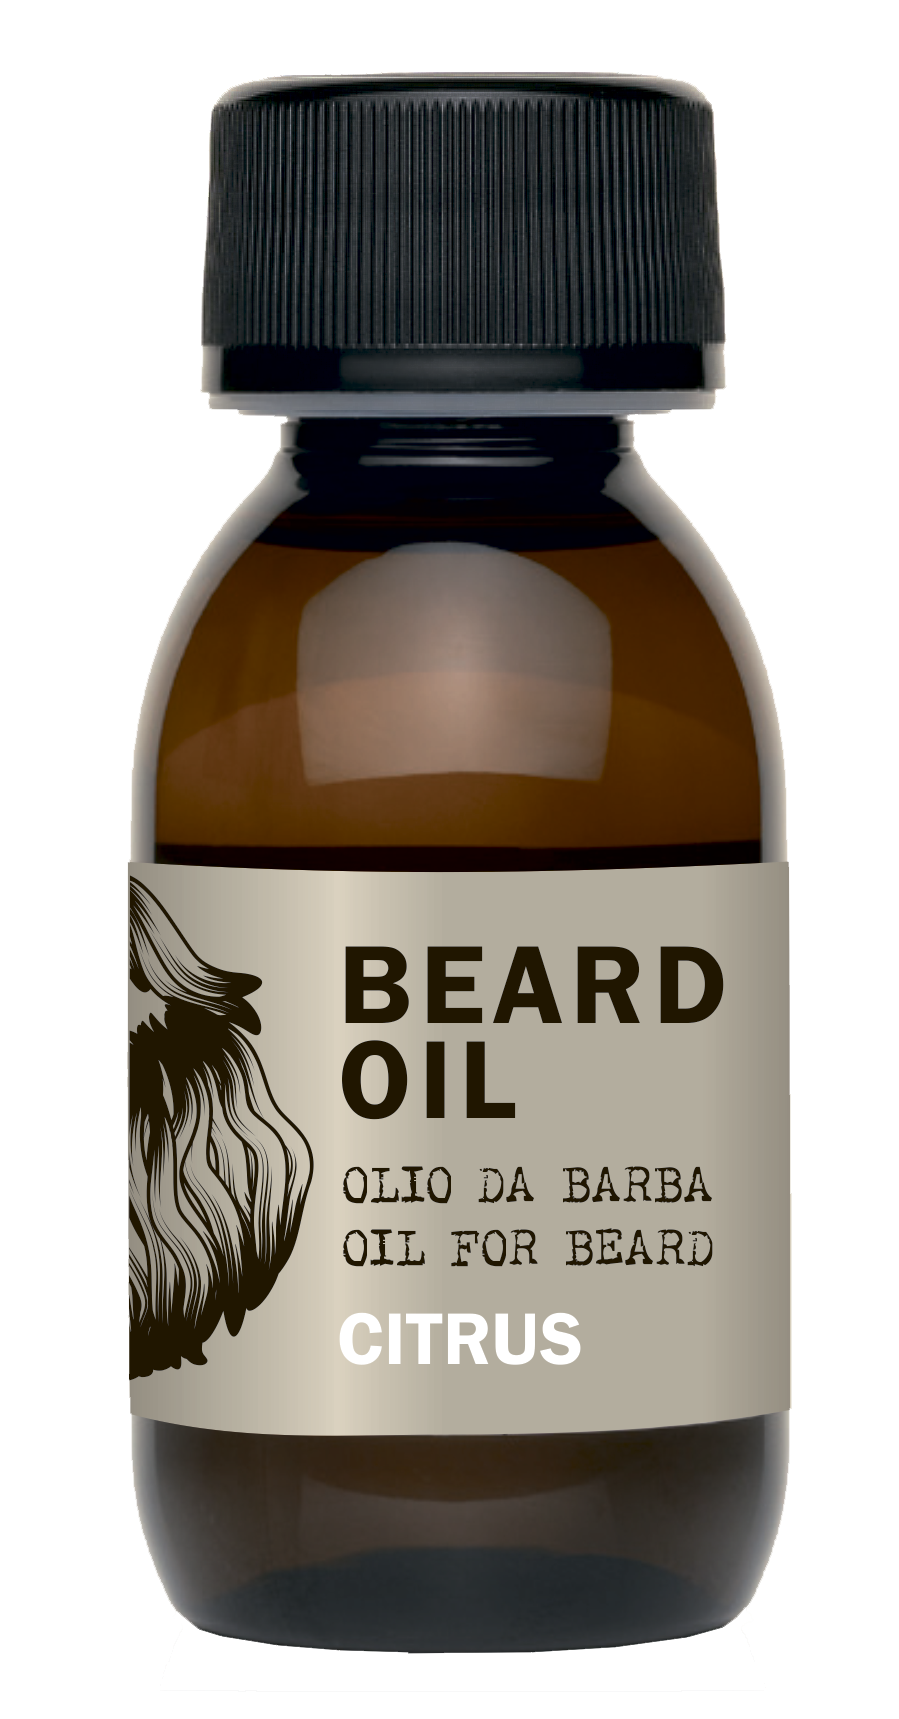 DEAR BEARD Масло с ароматом цитруса для бороды / BEARD OIL CITRUS 50мл